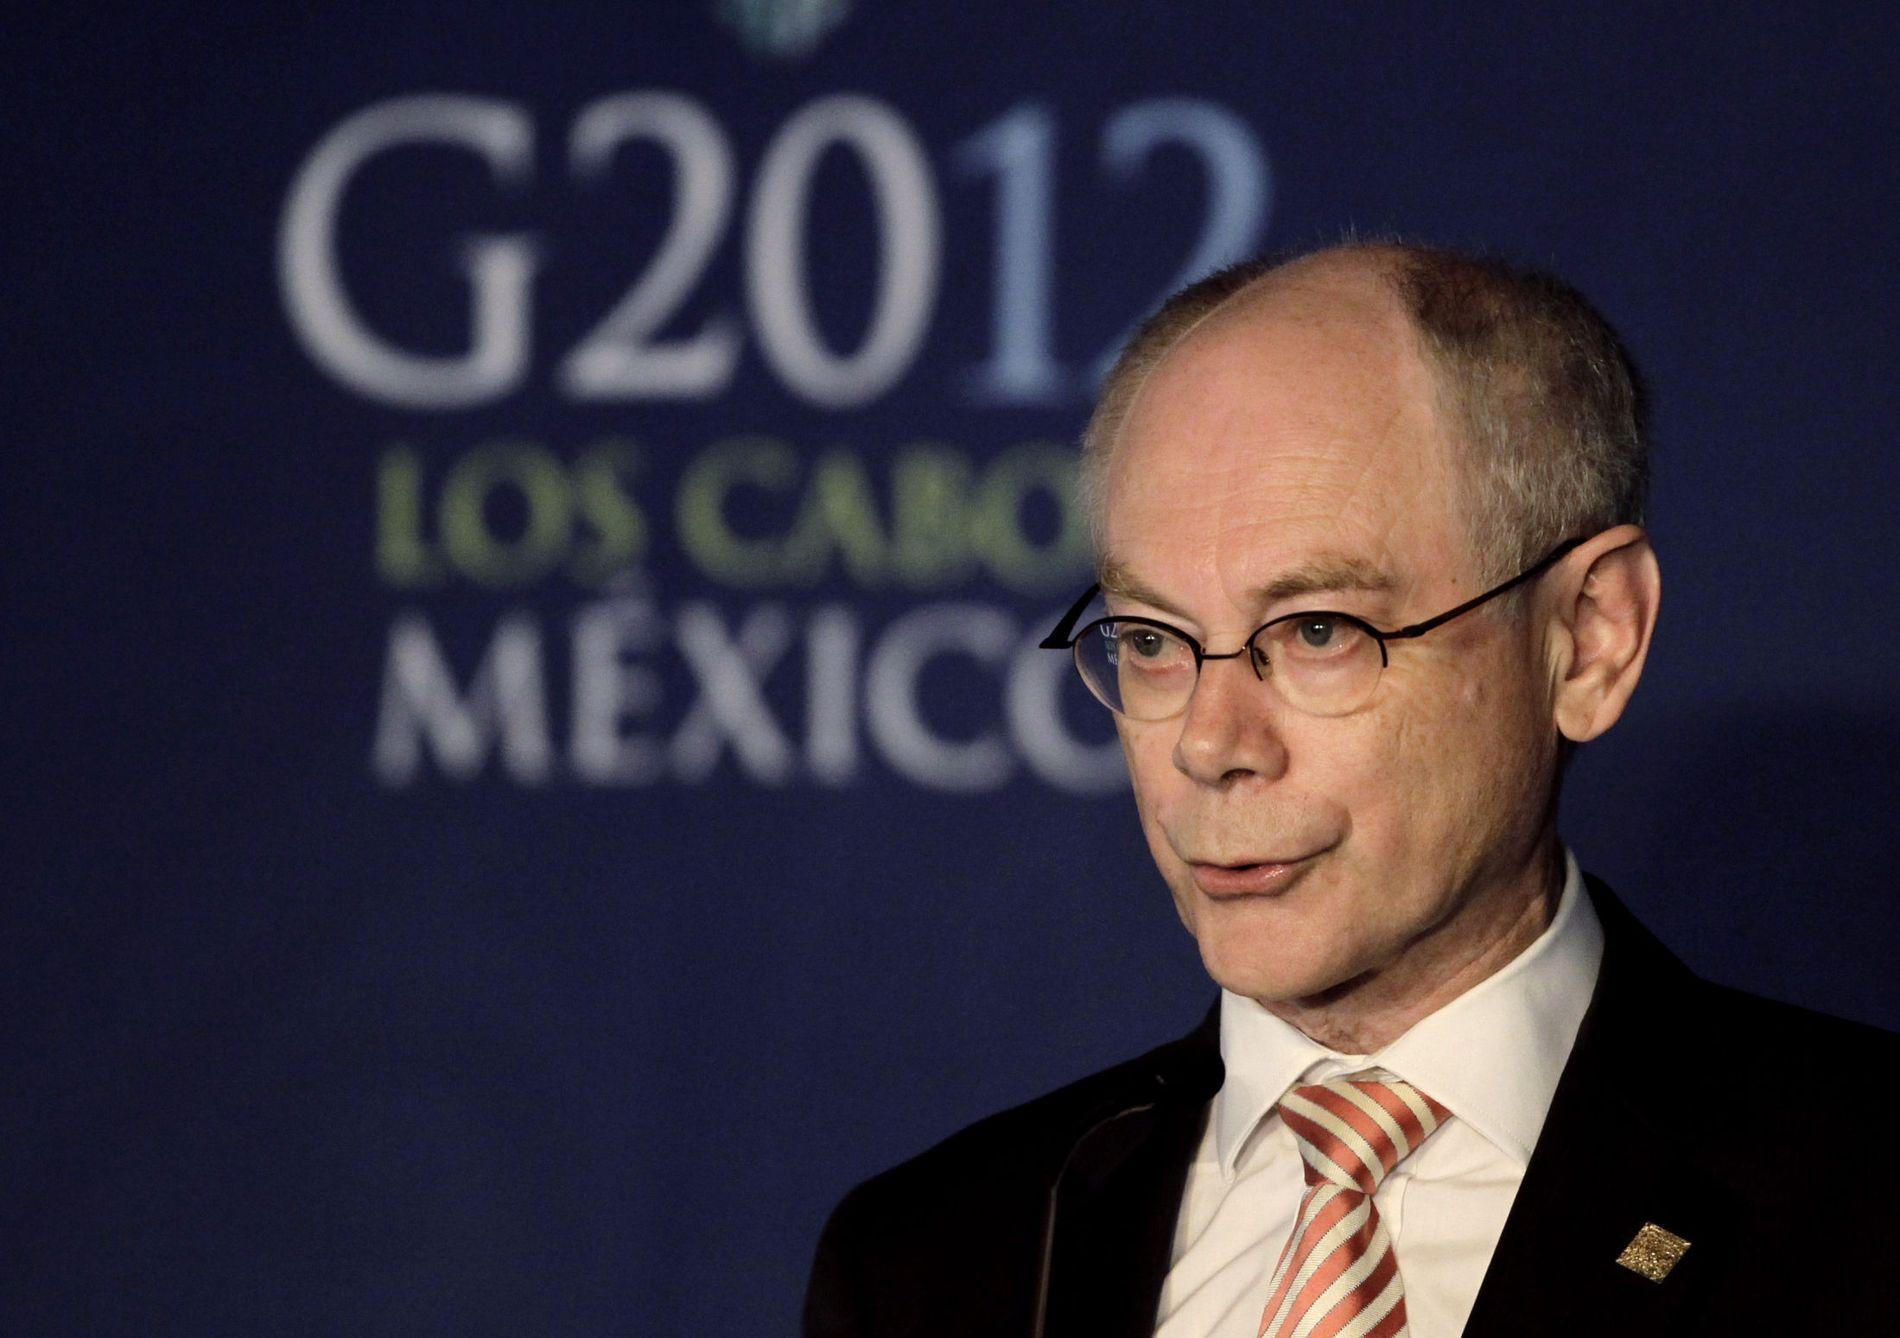 HANS FORSLAG: EU-president Herman Van Rompuy la tirsdag frem forslagen han håper å få topplederne i EU til å gå med på når toppmøtet starter torsdag.